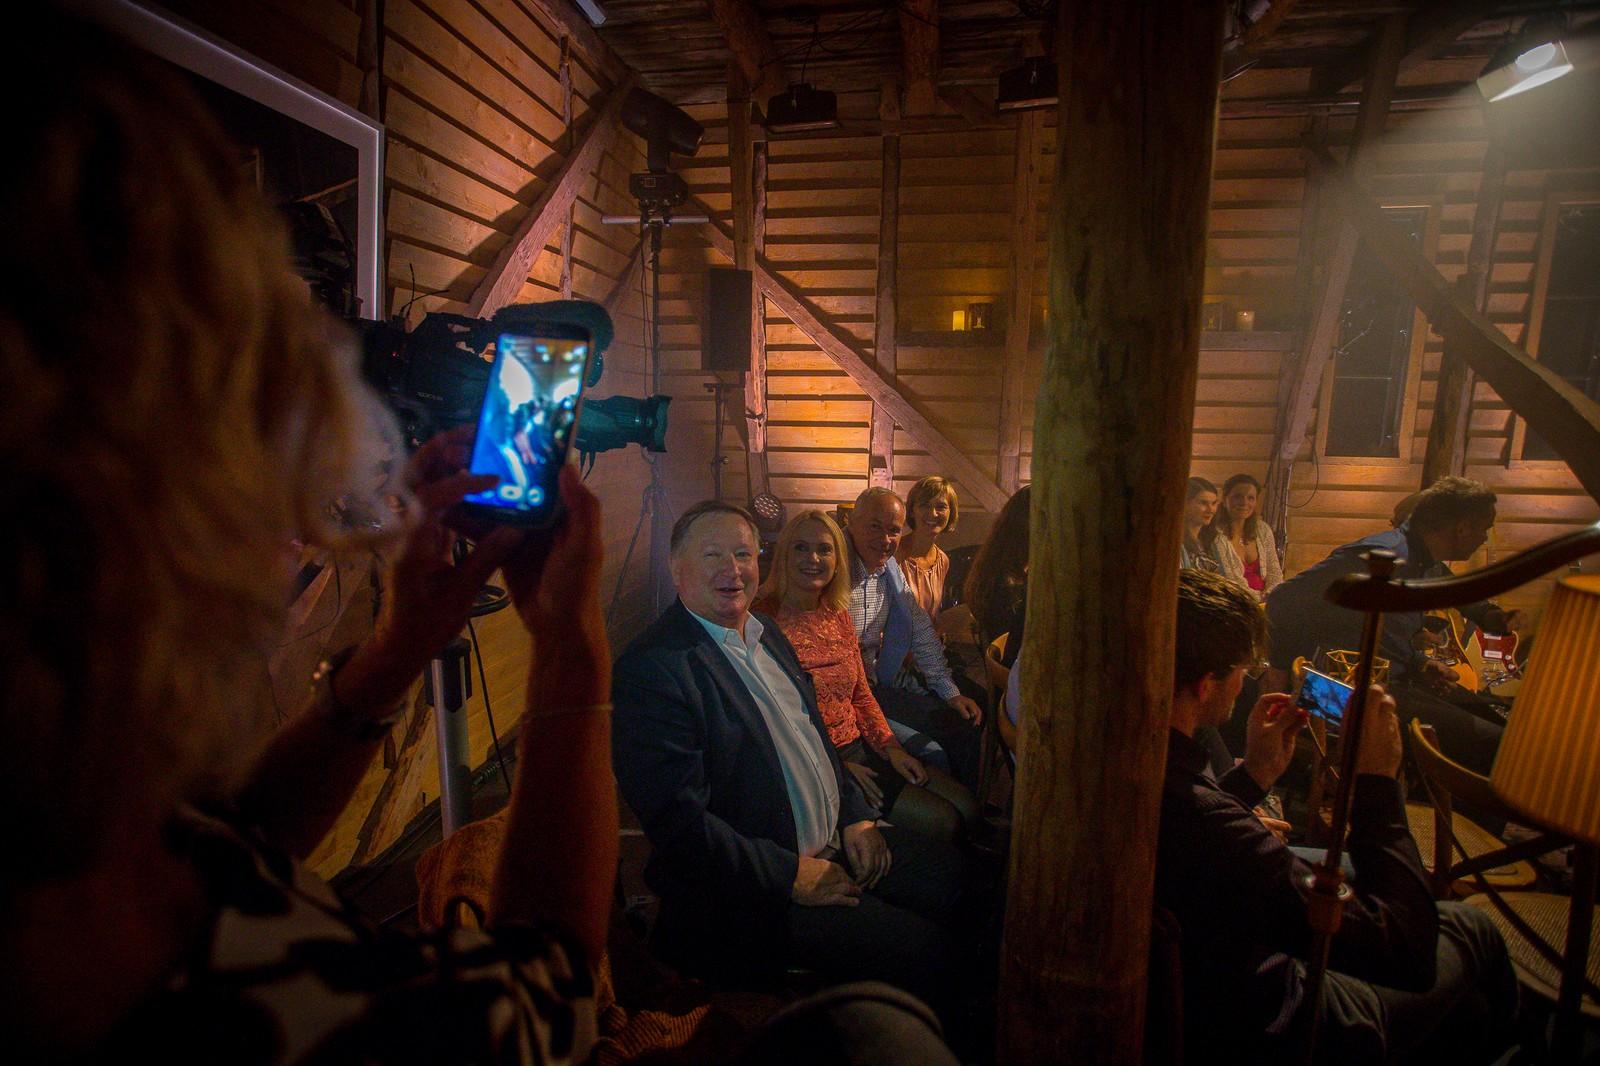 Ordføraren i Gaular, Mathias Råheim, var ein av dei heldige som fekk sjå konserten. Det same var kommunal- og moderniseringsminister Jan Tore Sanner og kona Solveig Barstad.